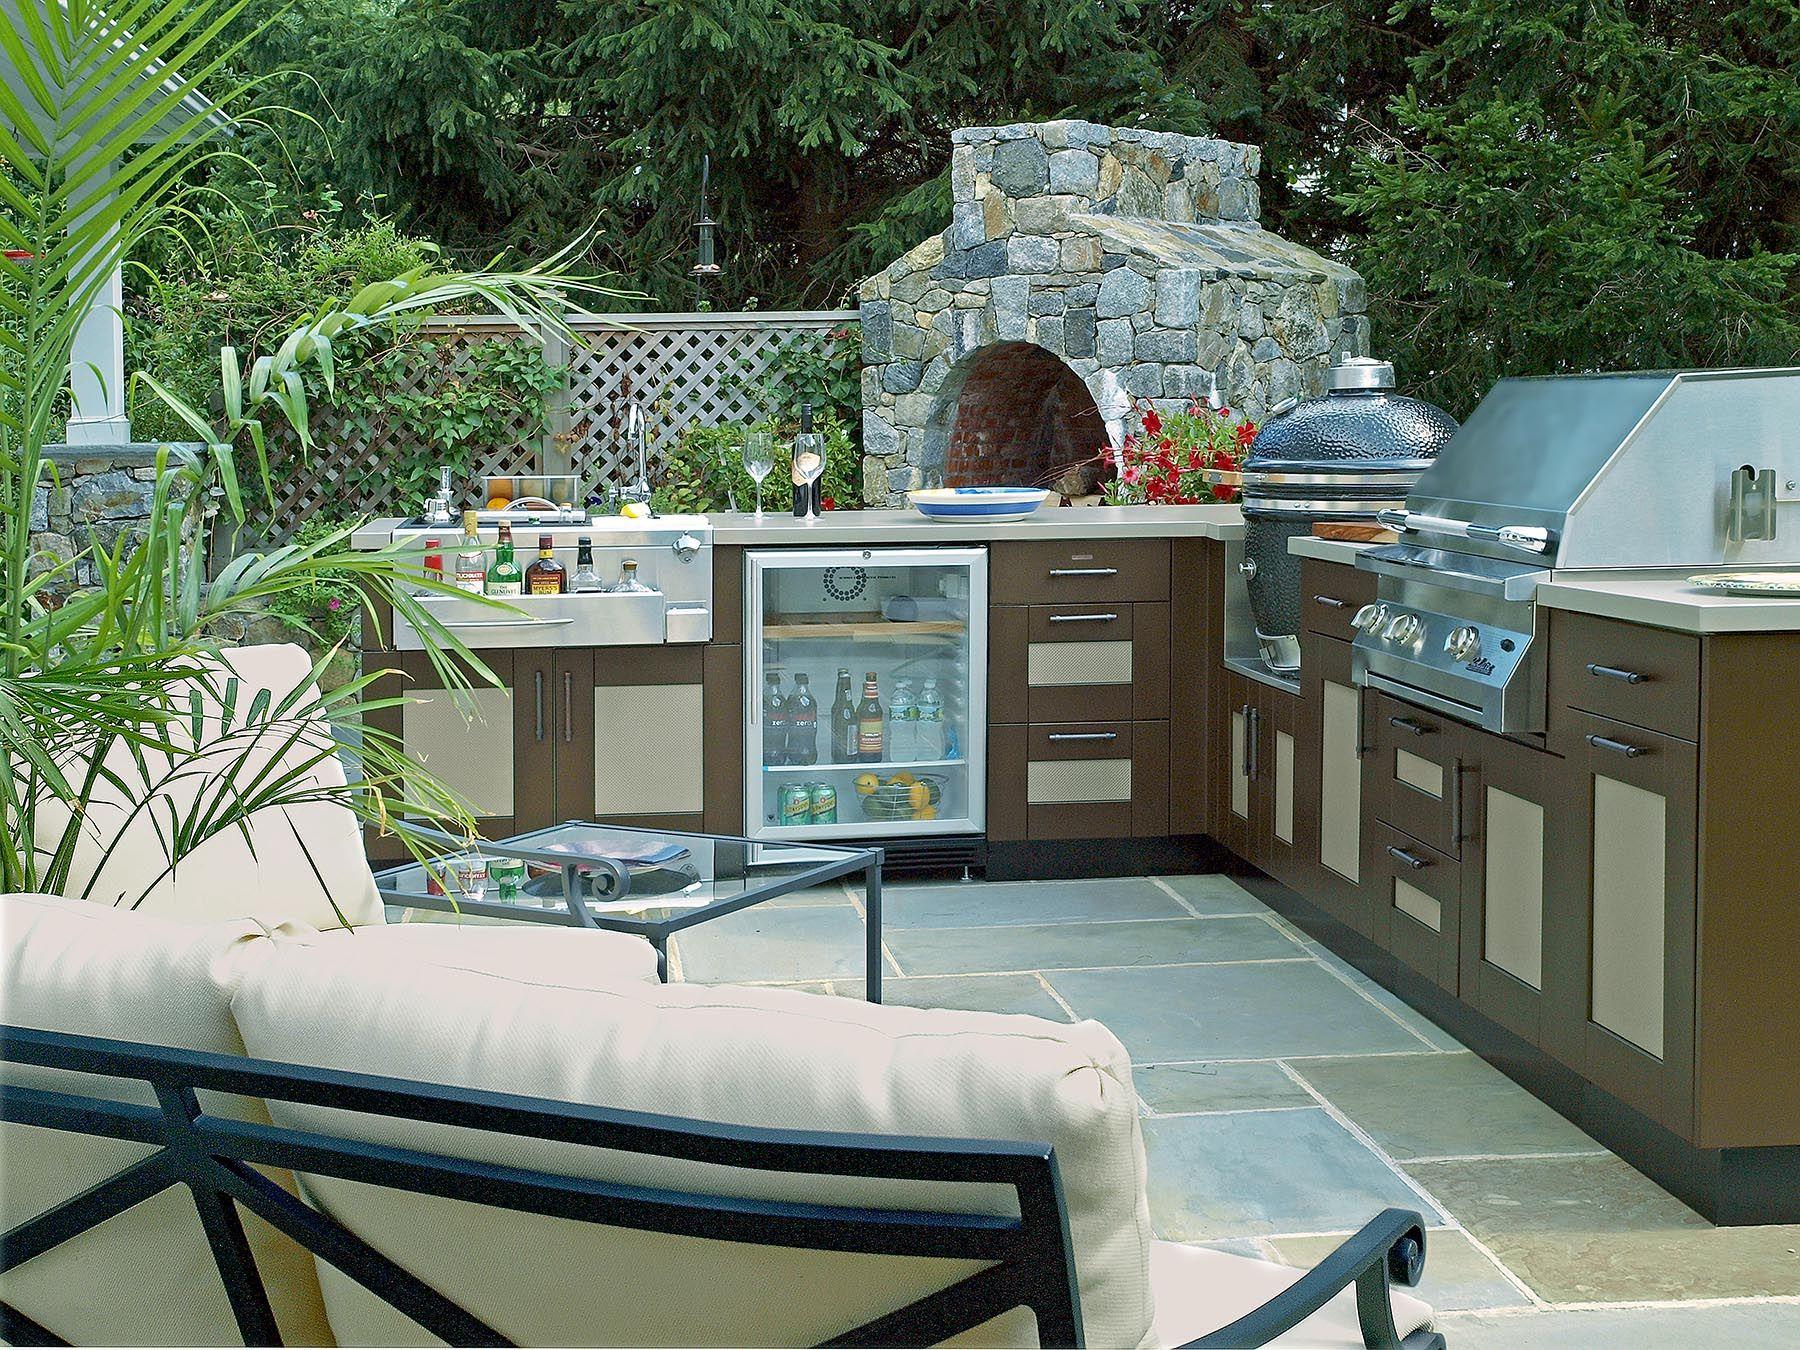 Brown Jordan Outdoor Kitchens | Outdoor Living | Pinterest | Brown ...